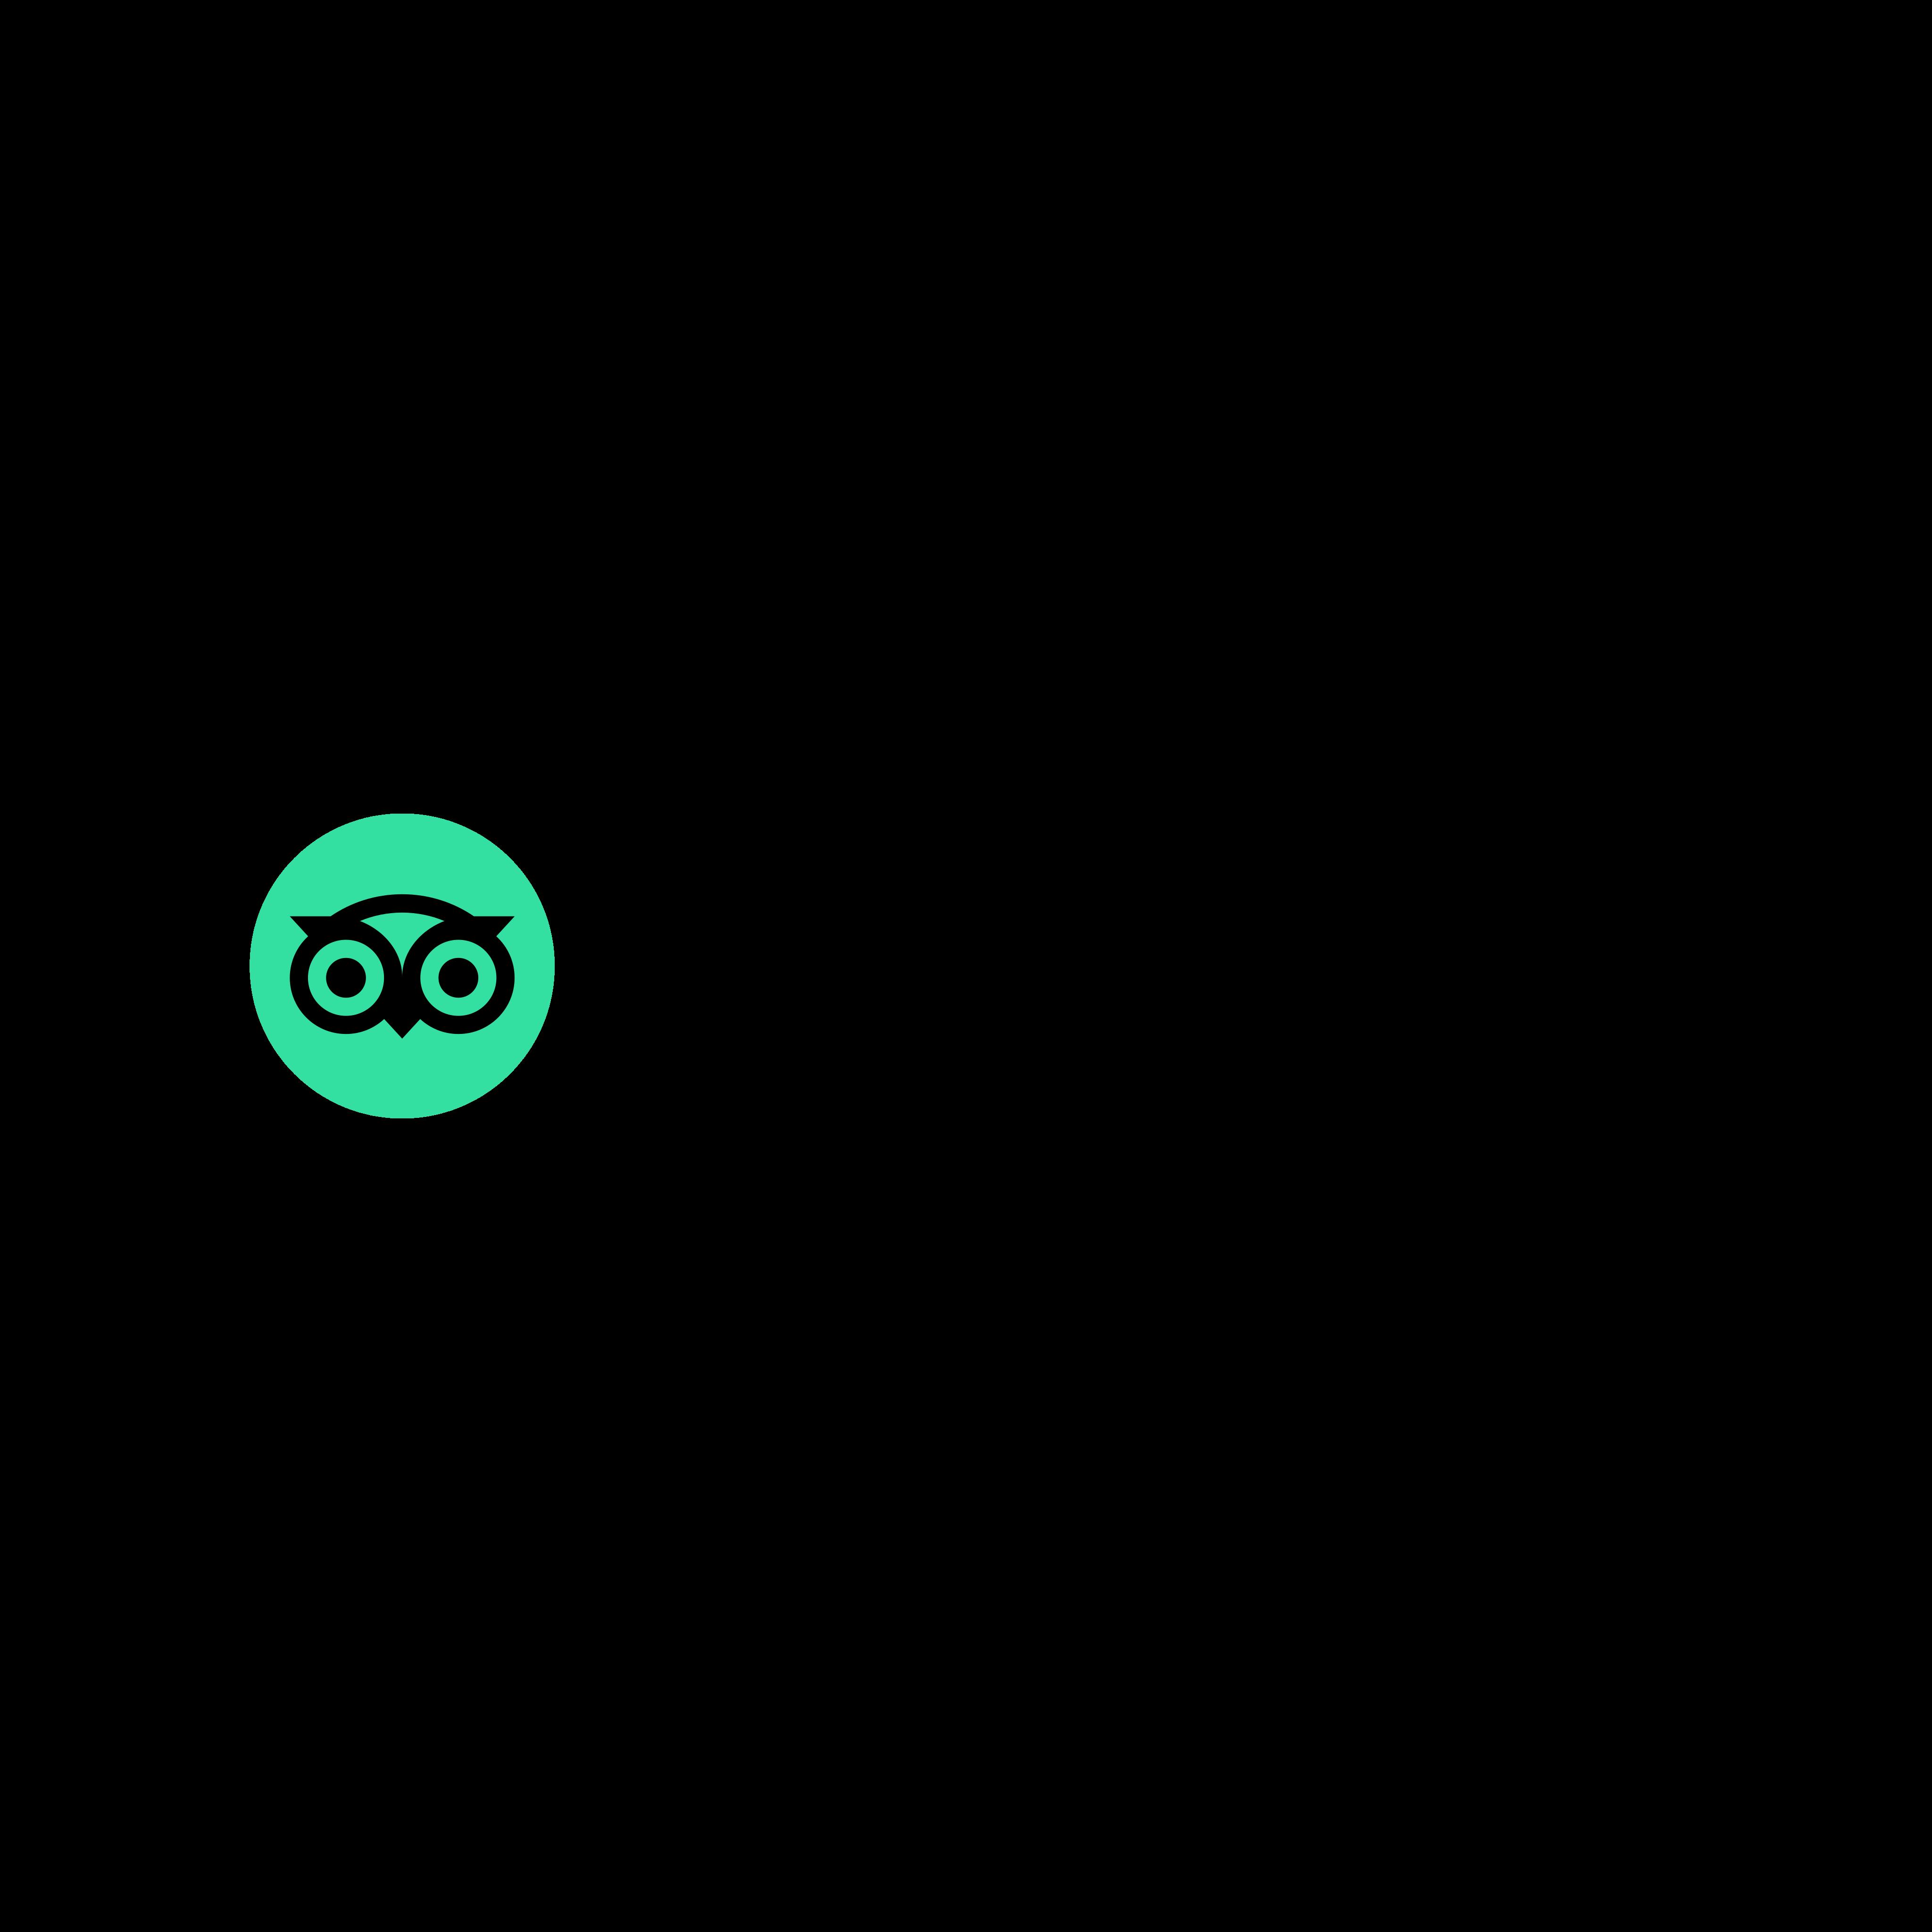 tripadvisor logo 0 - TripAdvisor Logo